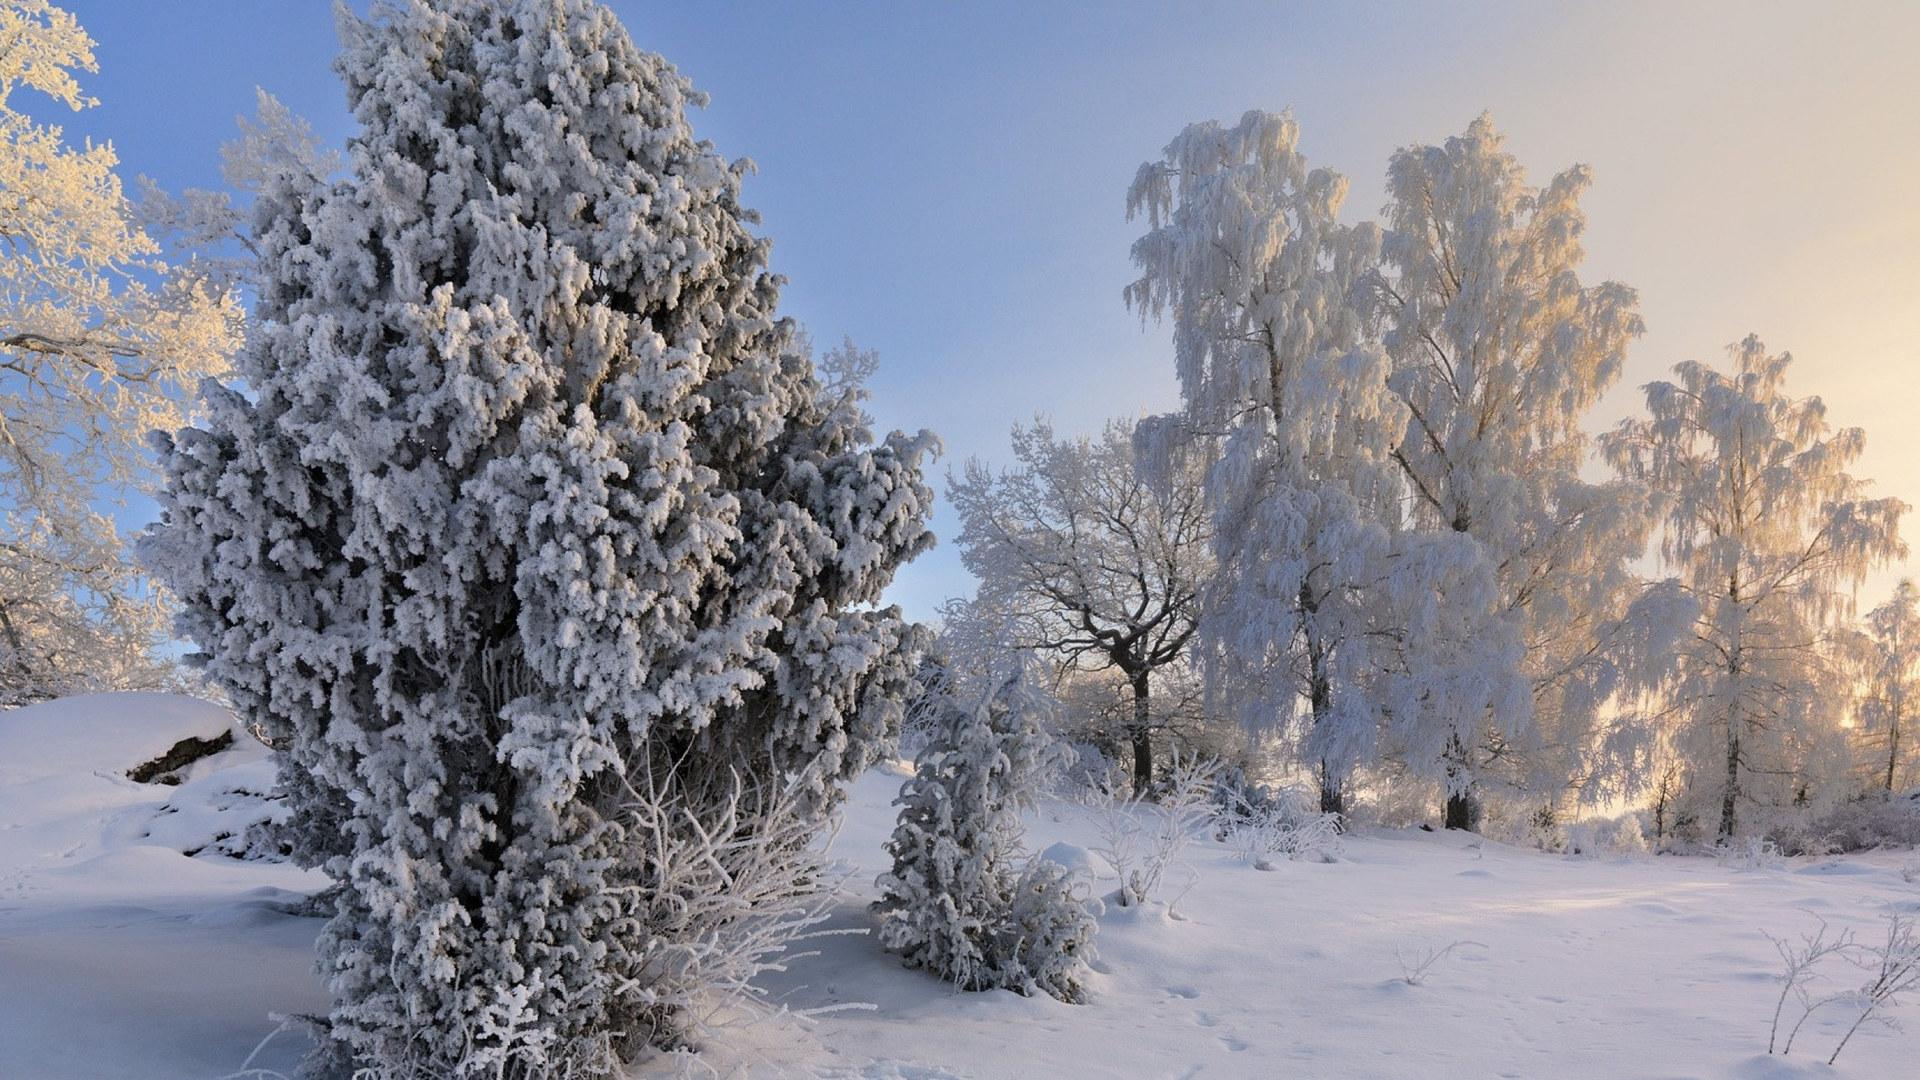 Украину ожидает самая холодная зима за последние сто лет: климатологи прогнозируют невероятные морозы